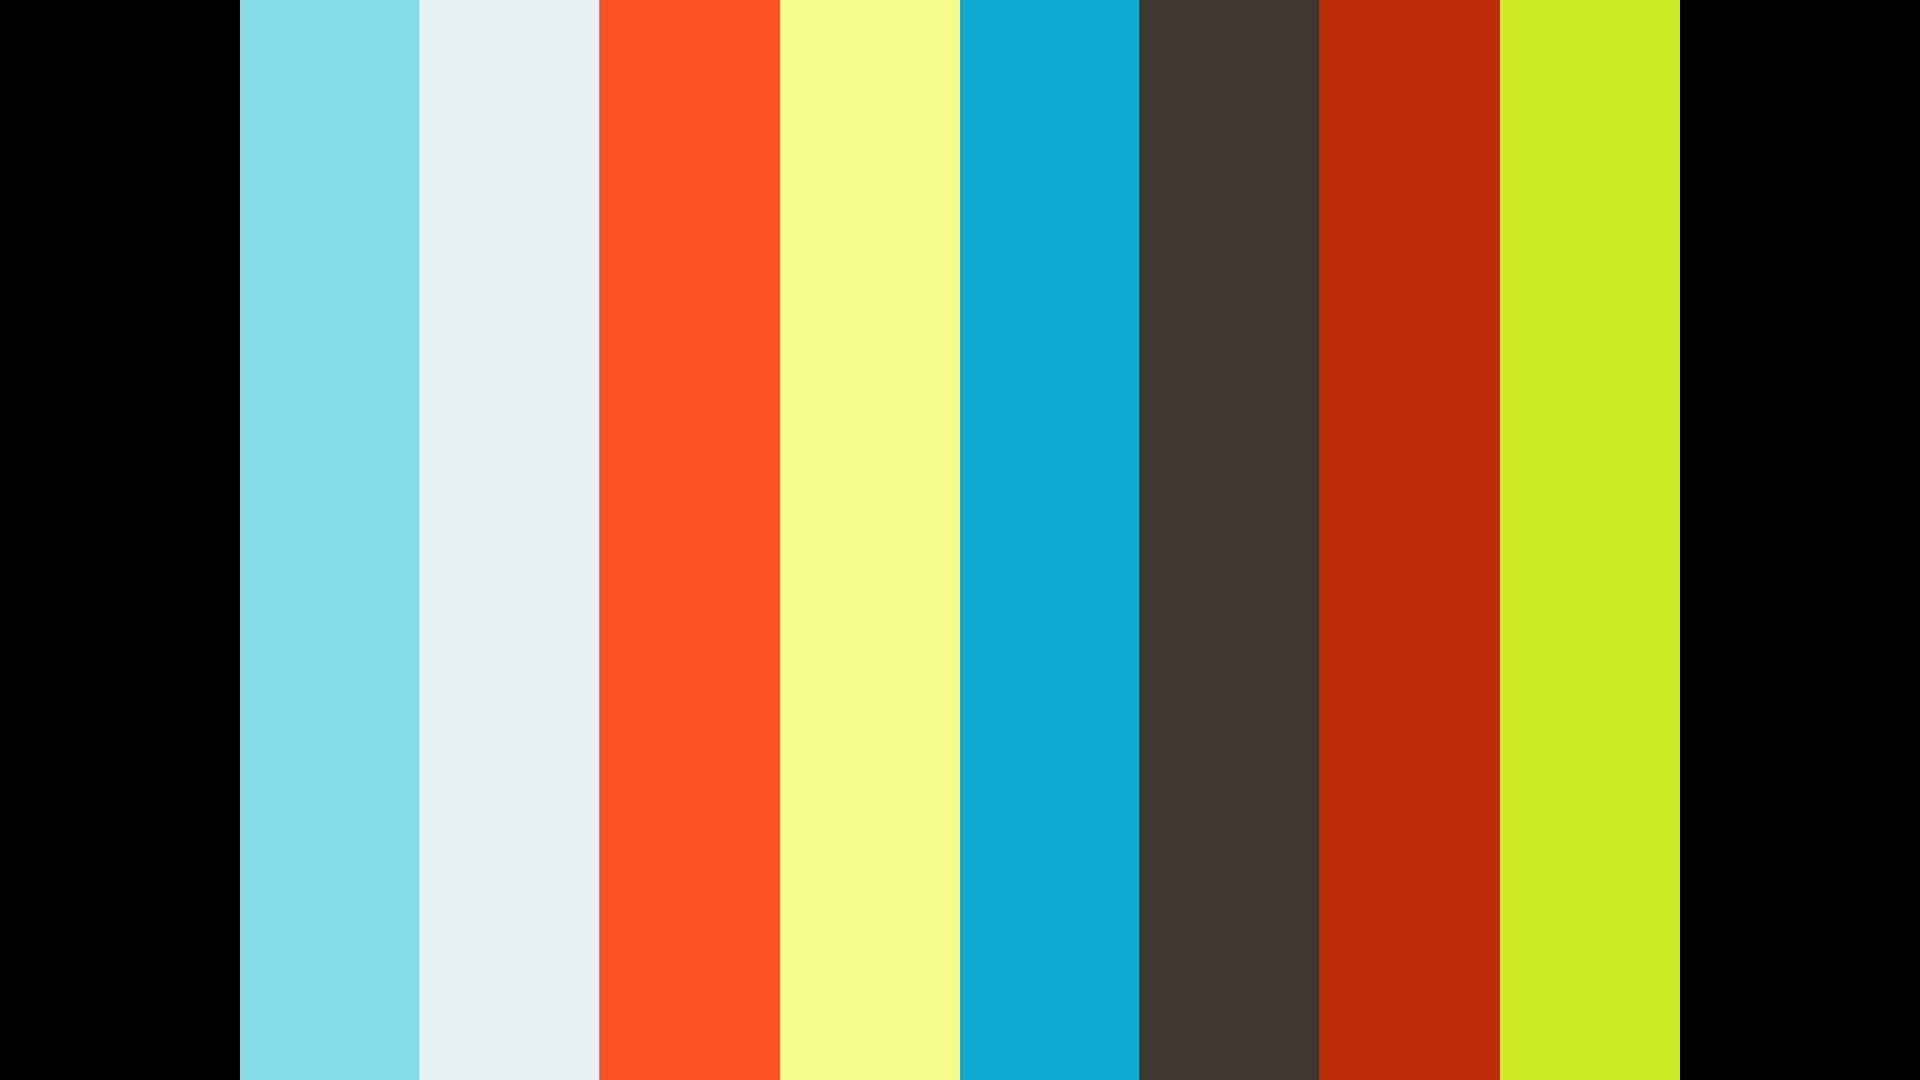 2021_01_13 - Spades - 40bb SB 3bet vs BTN General overview